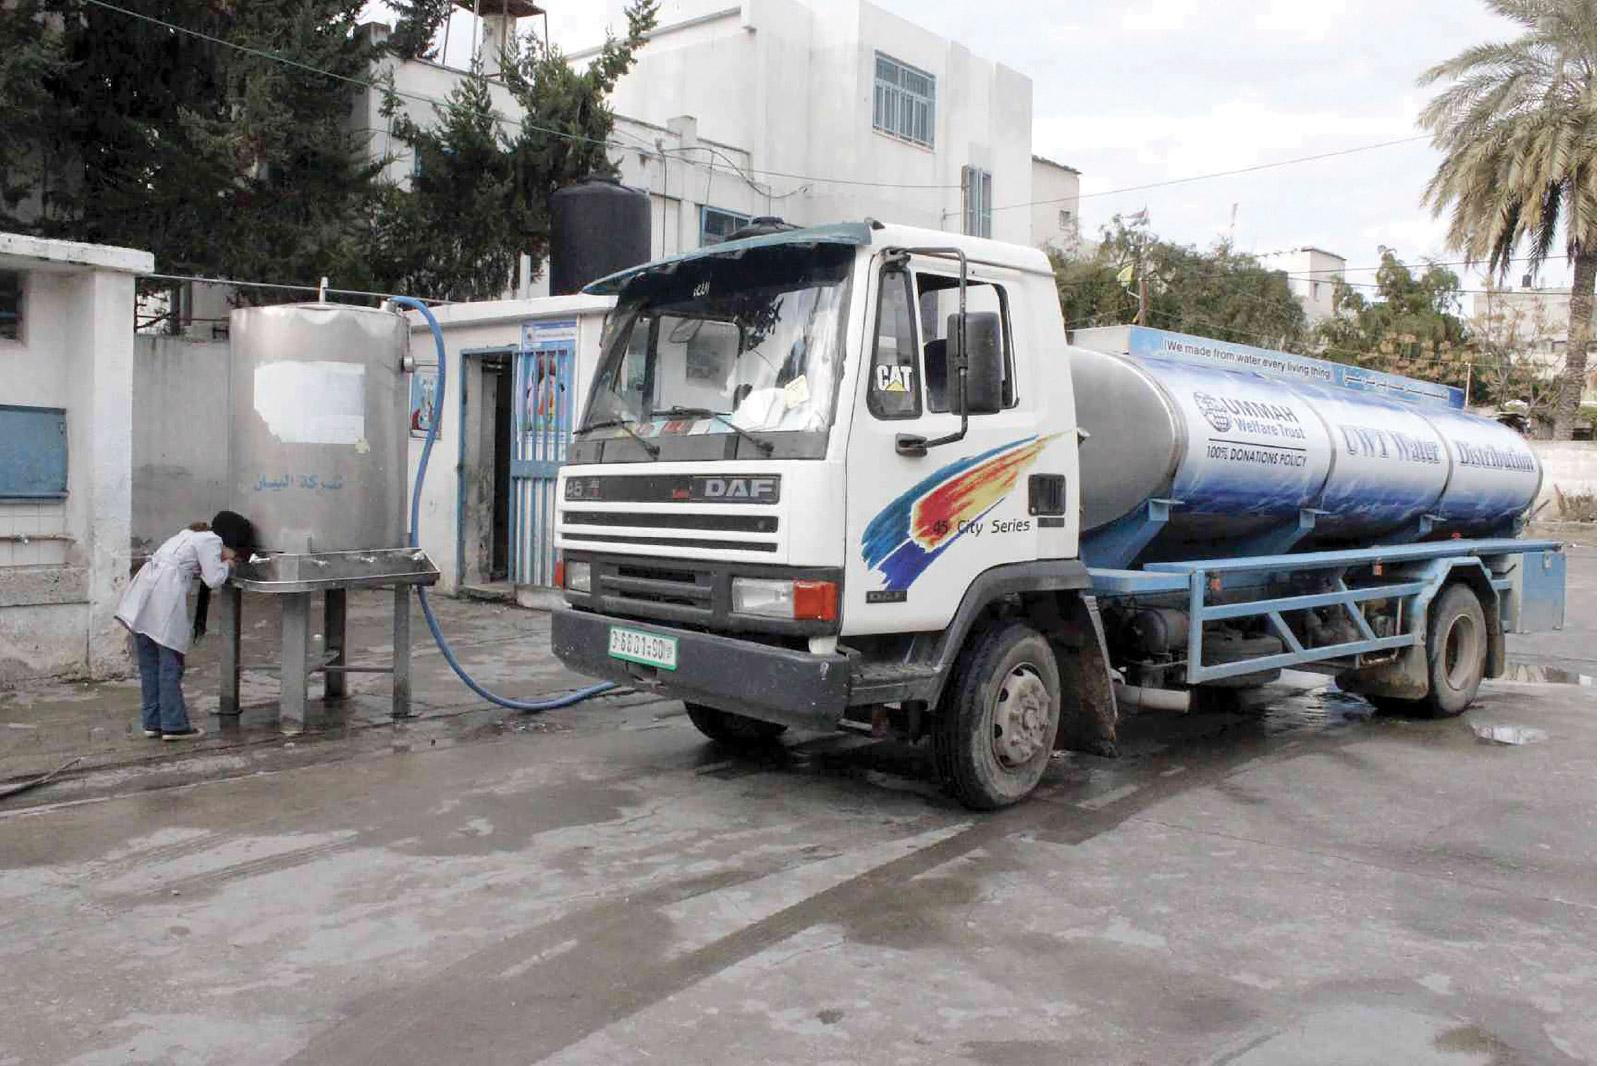 غزة، تواجه أزمة مياه متفاقمة